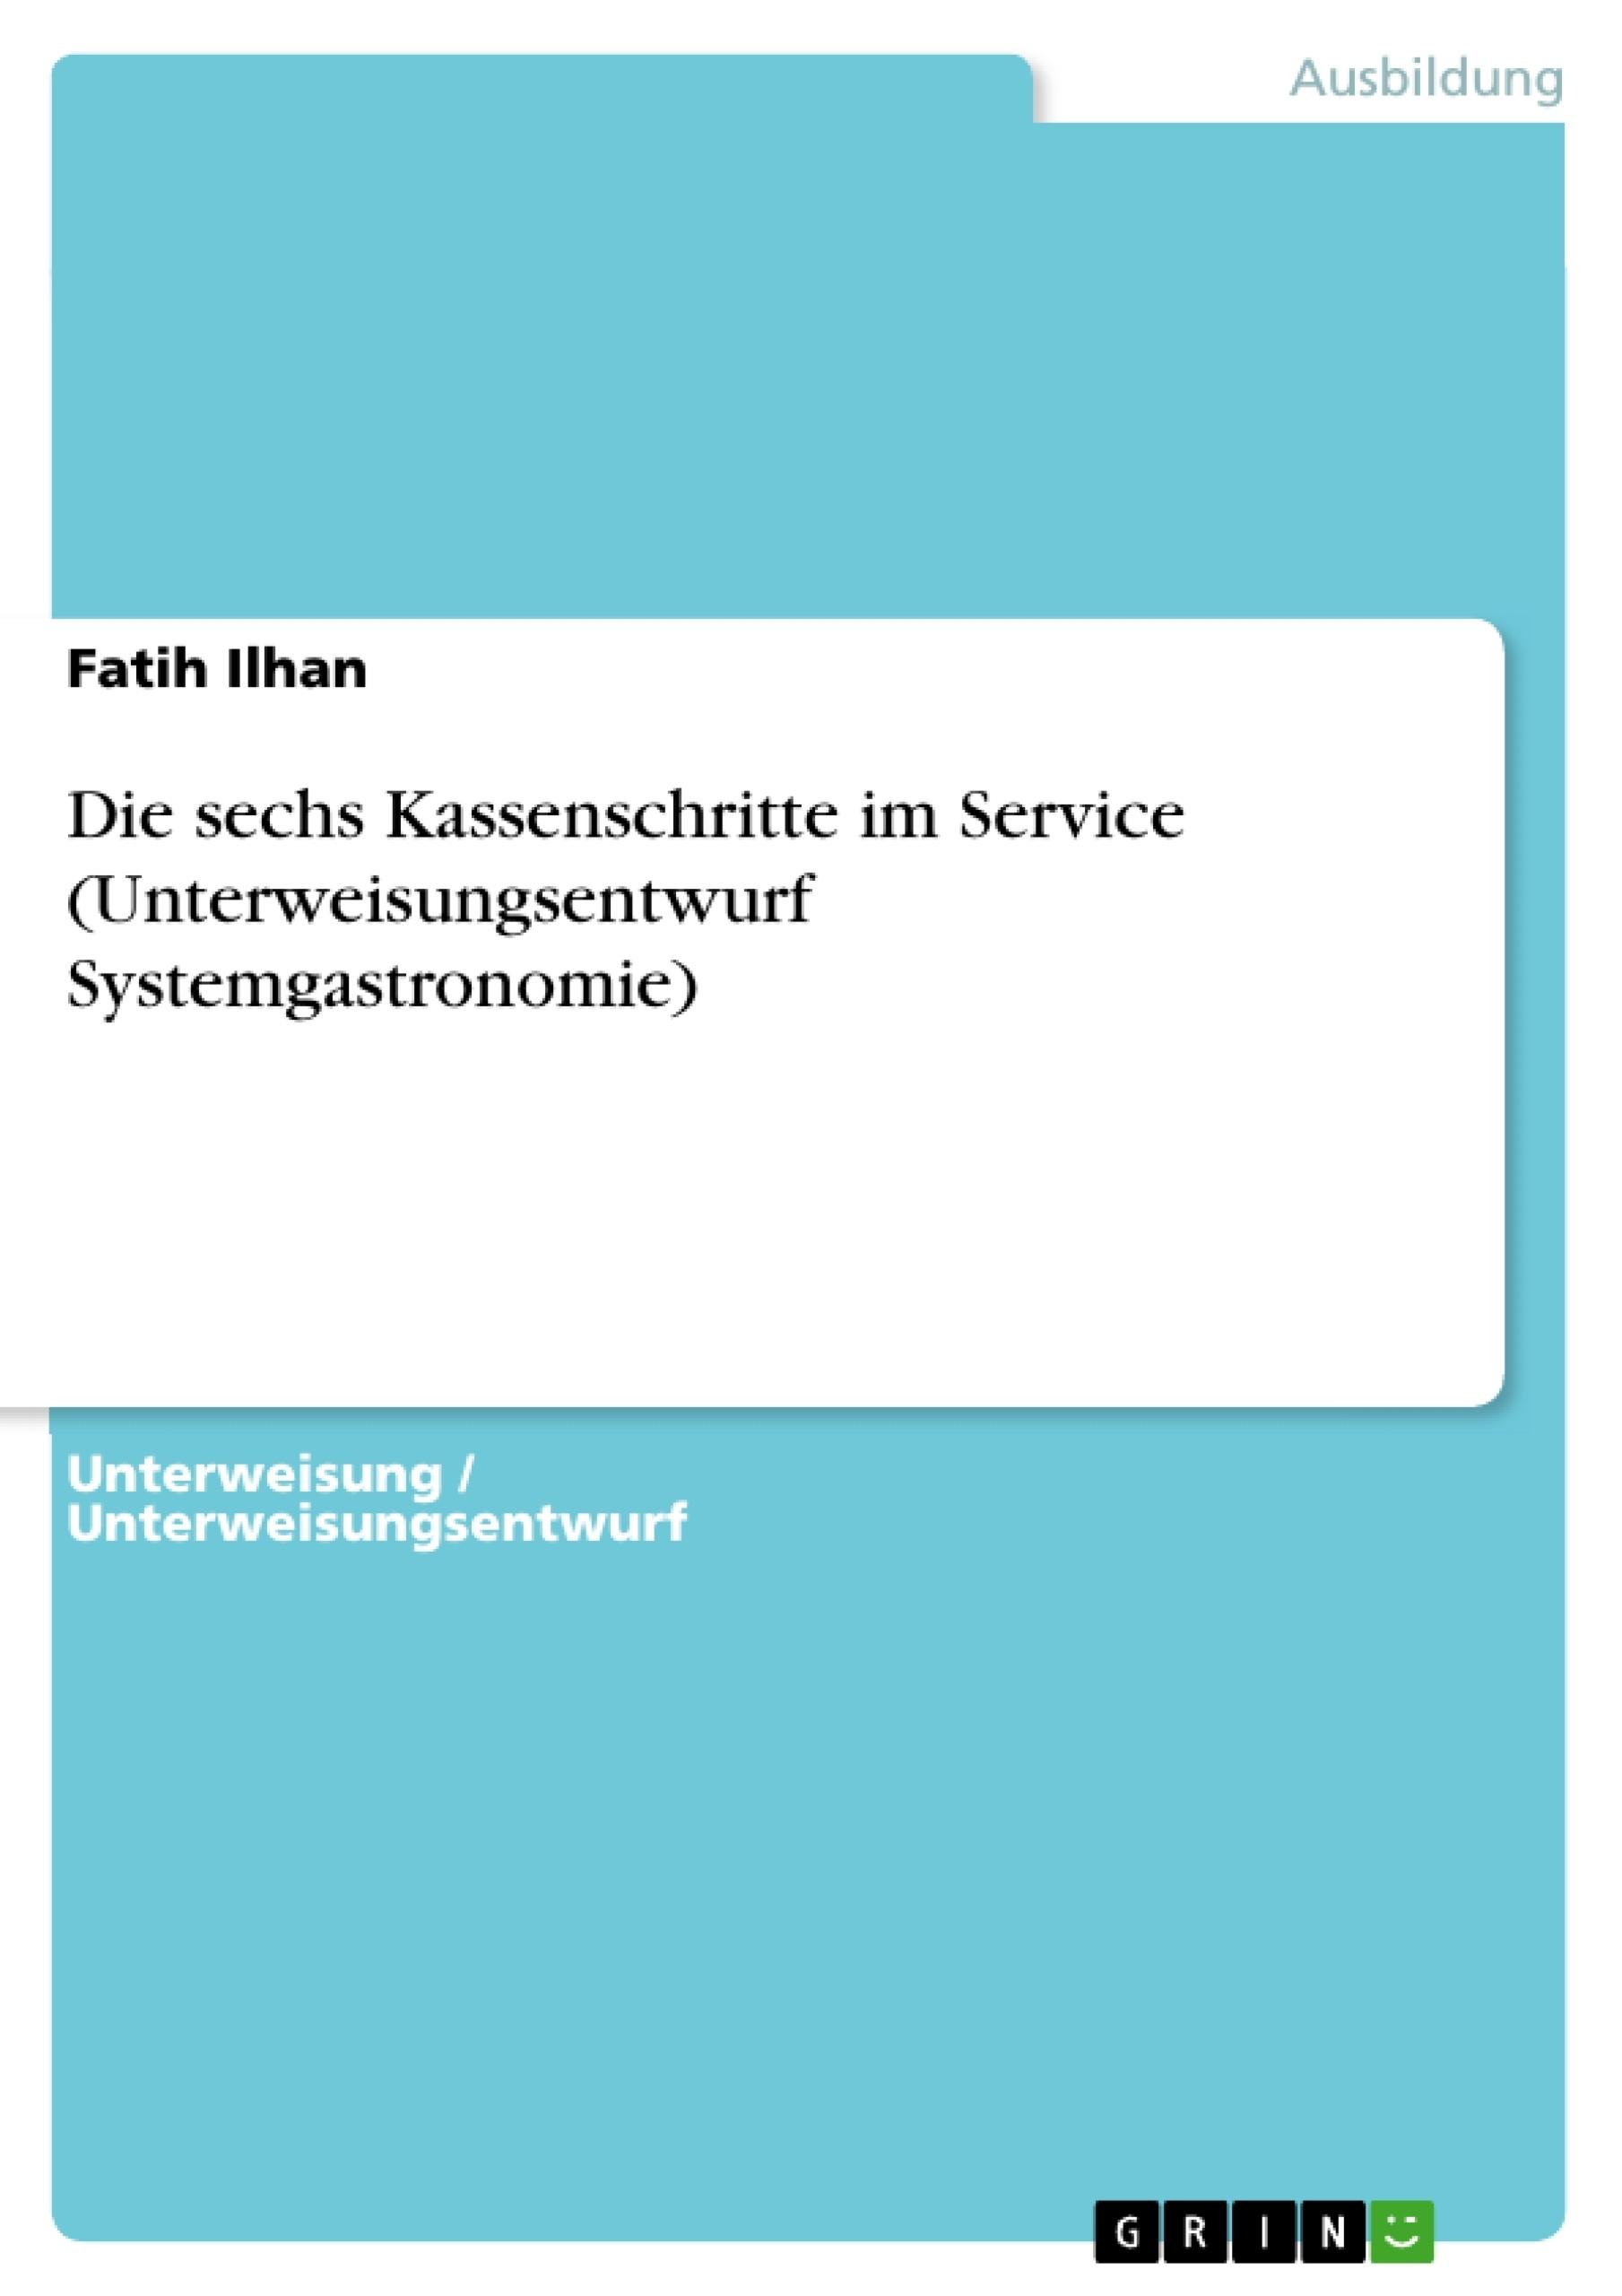 Titel: Die sechs Kassenschritte im Service (Unterweisungsentwurf Systemgastronomie)